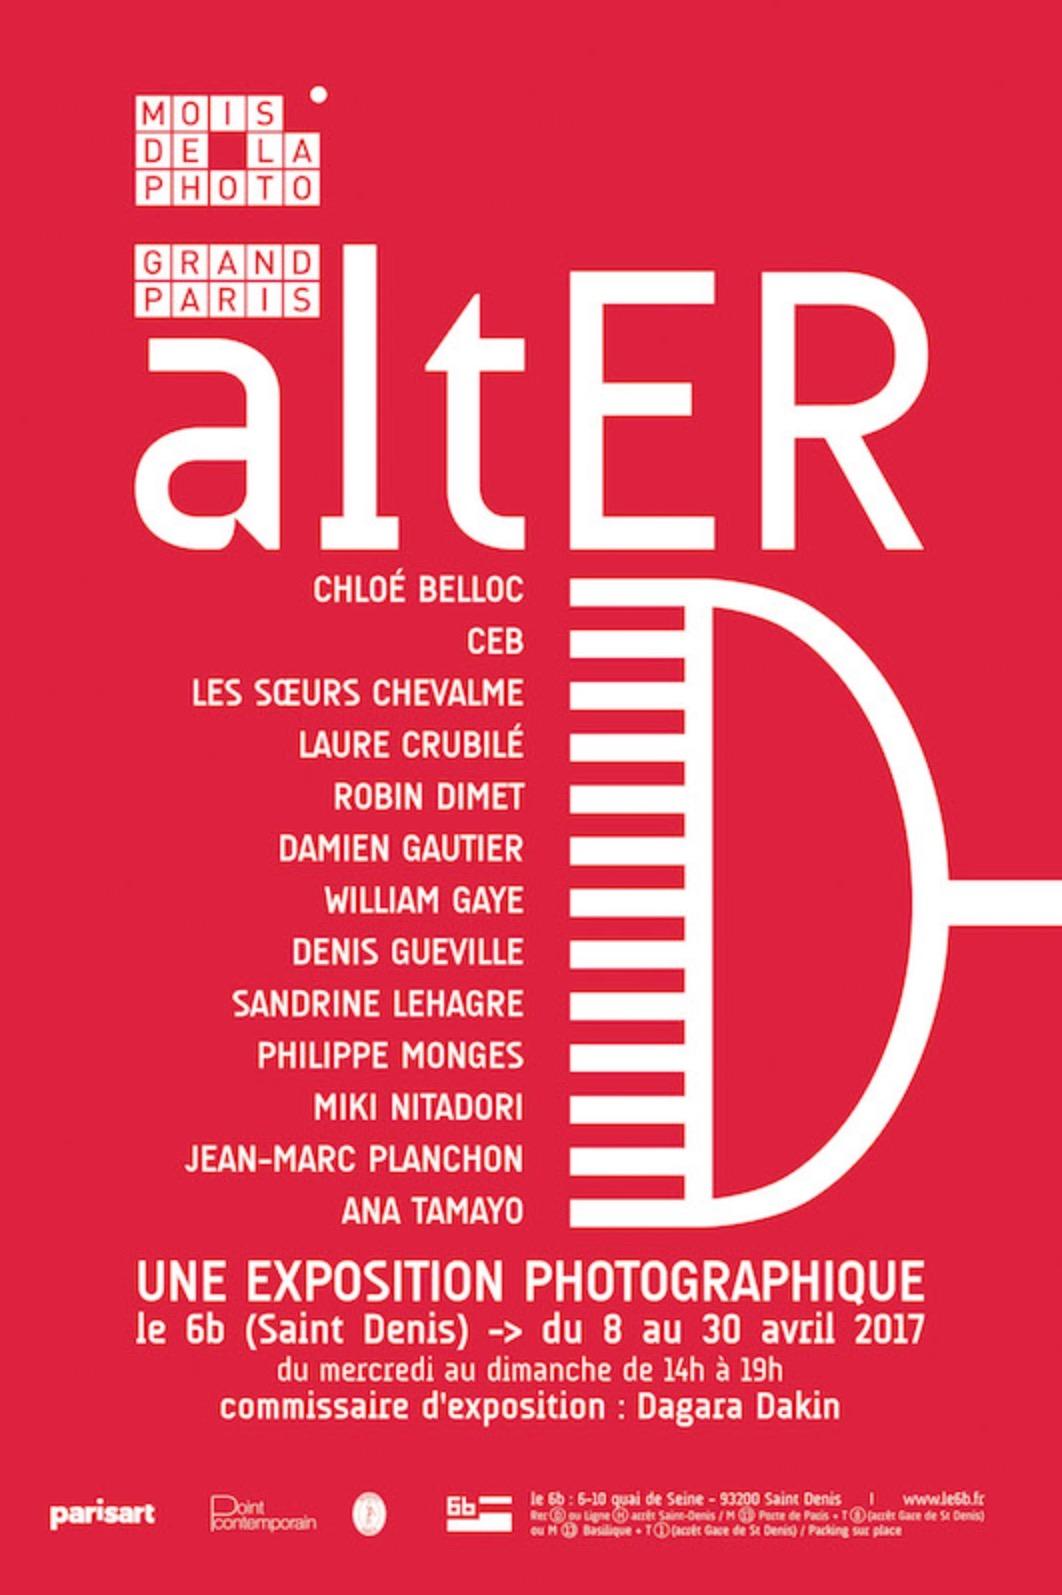 [FESTIVAL] 08→30.04 – ALTER AU 6B À L'OCCASION DU MOIS DE LA PHOTO DU GRAND PARIS